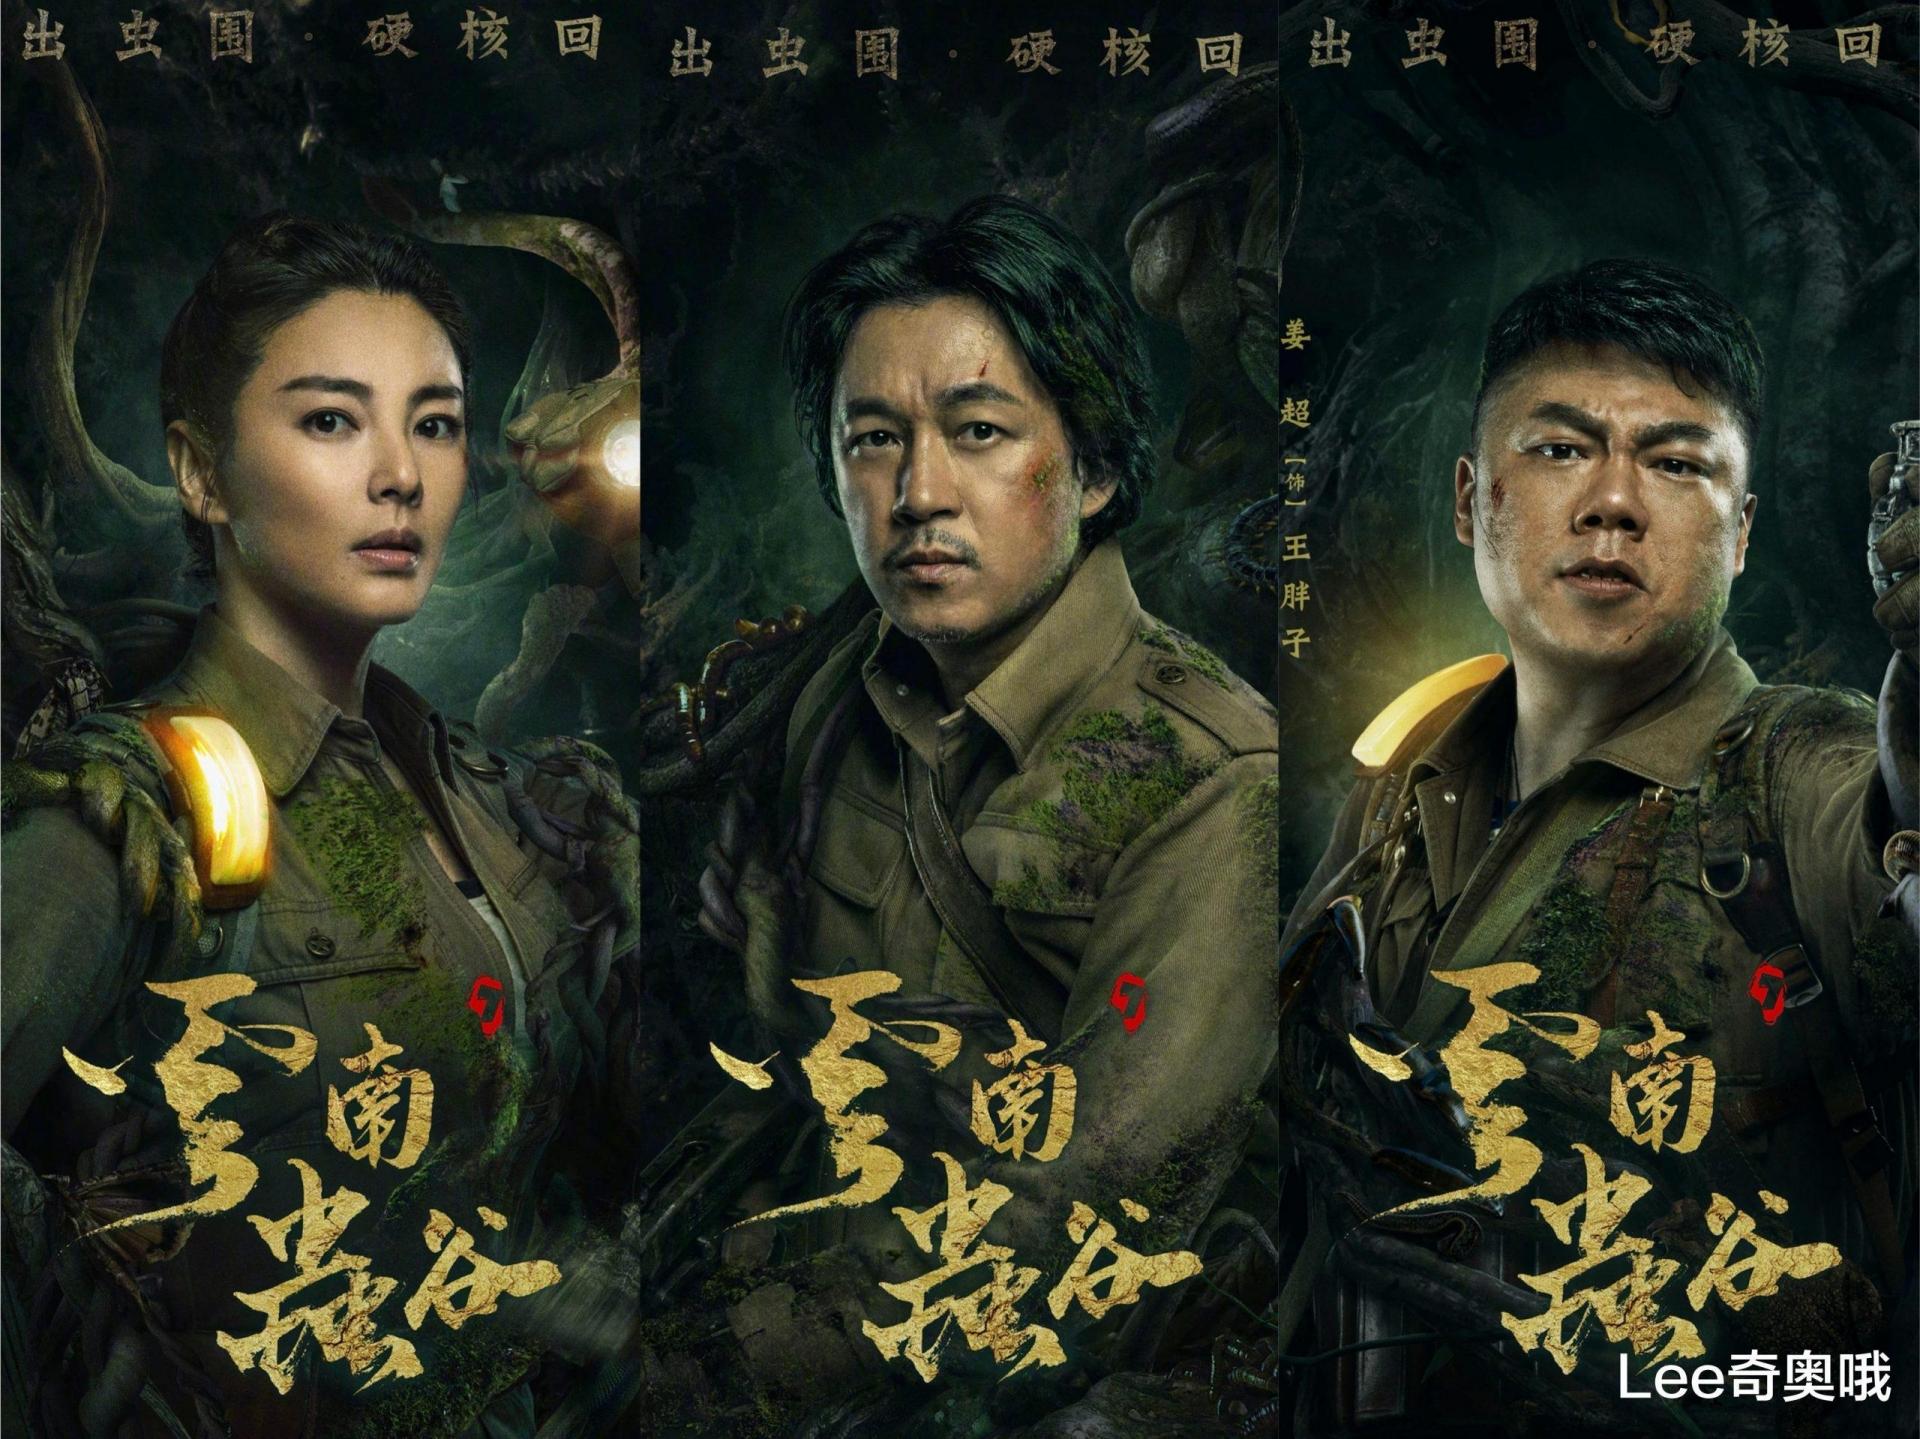 Top 10 phim Hoa ngữ HOT nhất tháng 9: 'Bom xịt' Lộ Tư góp mặt, Gia Luân - Nghệ Hưng 'ăn đậm' 8